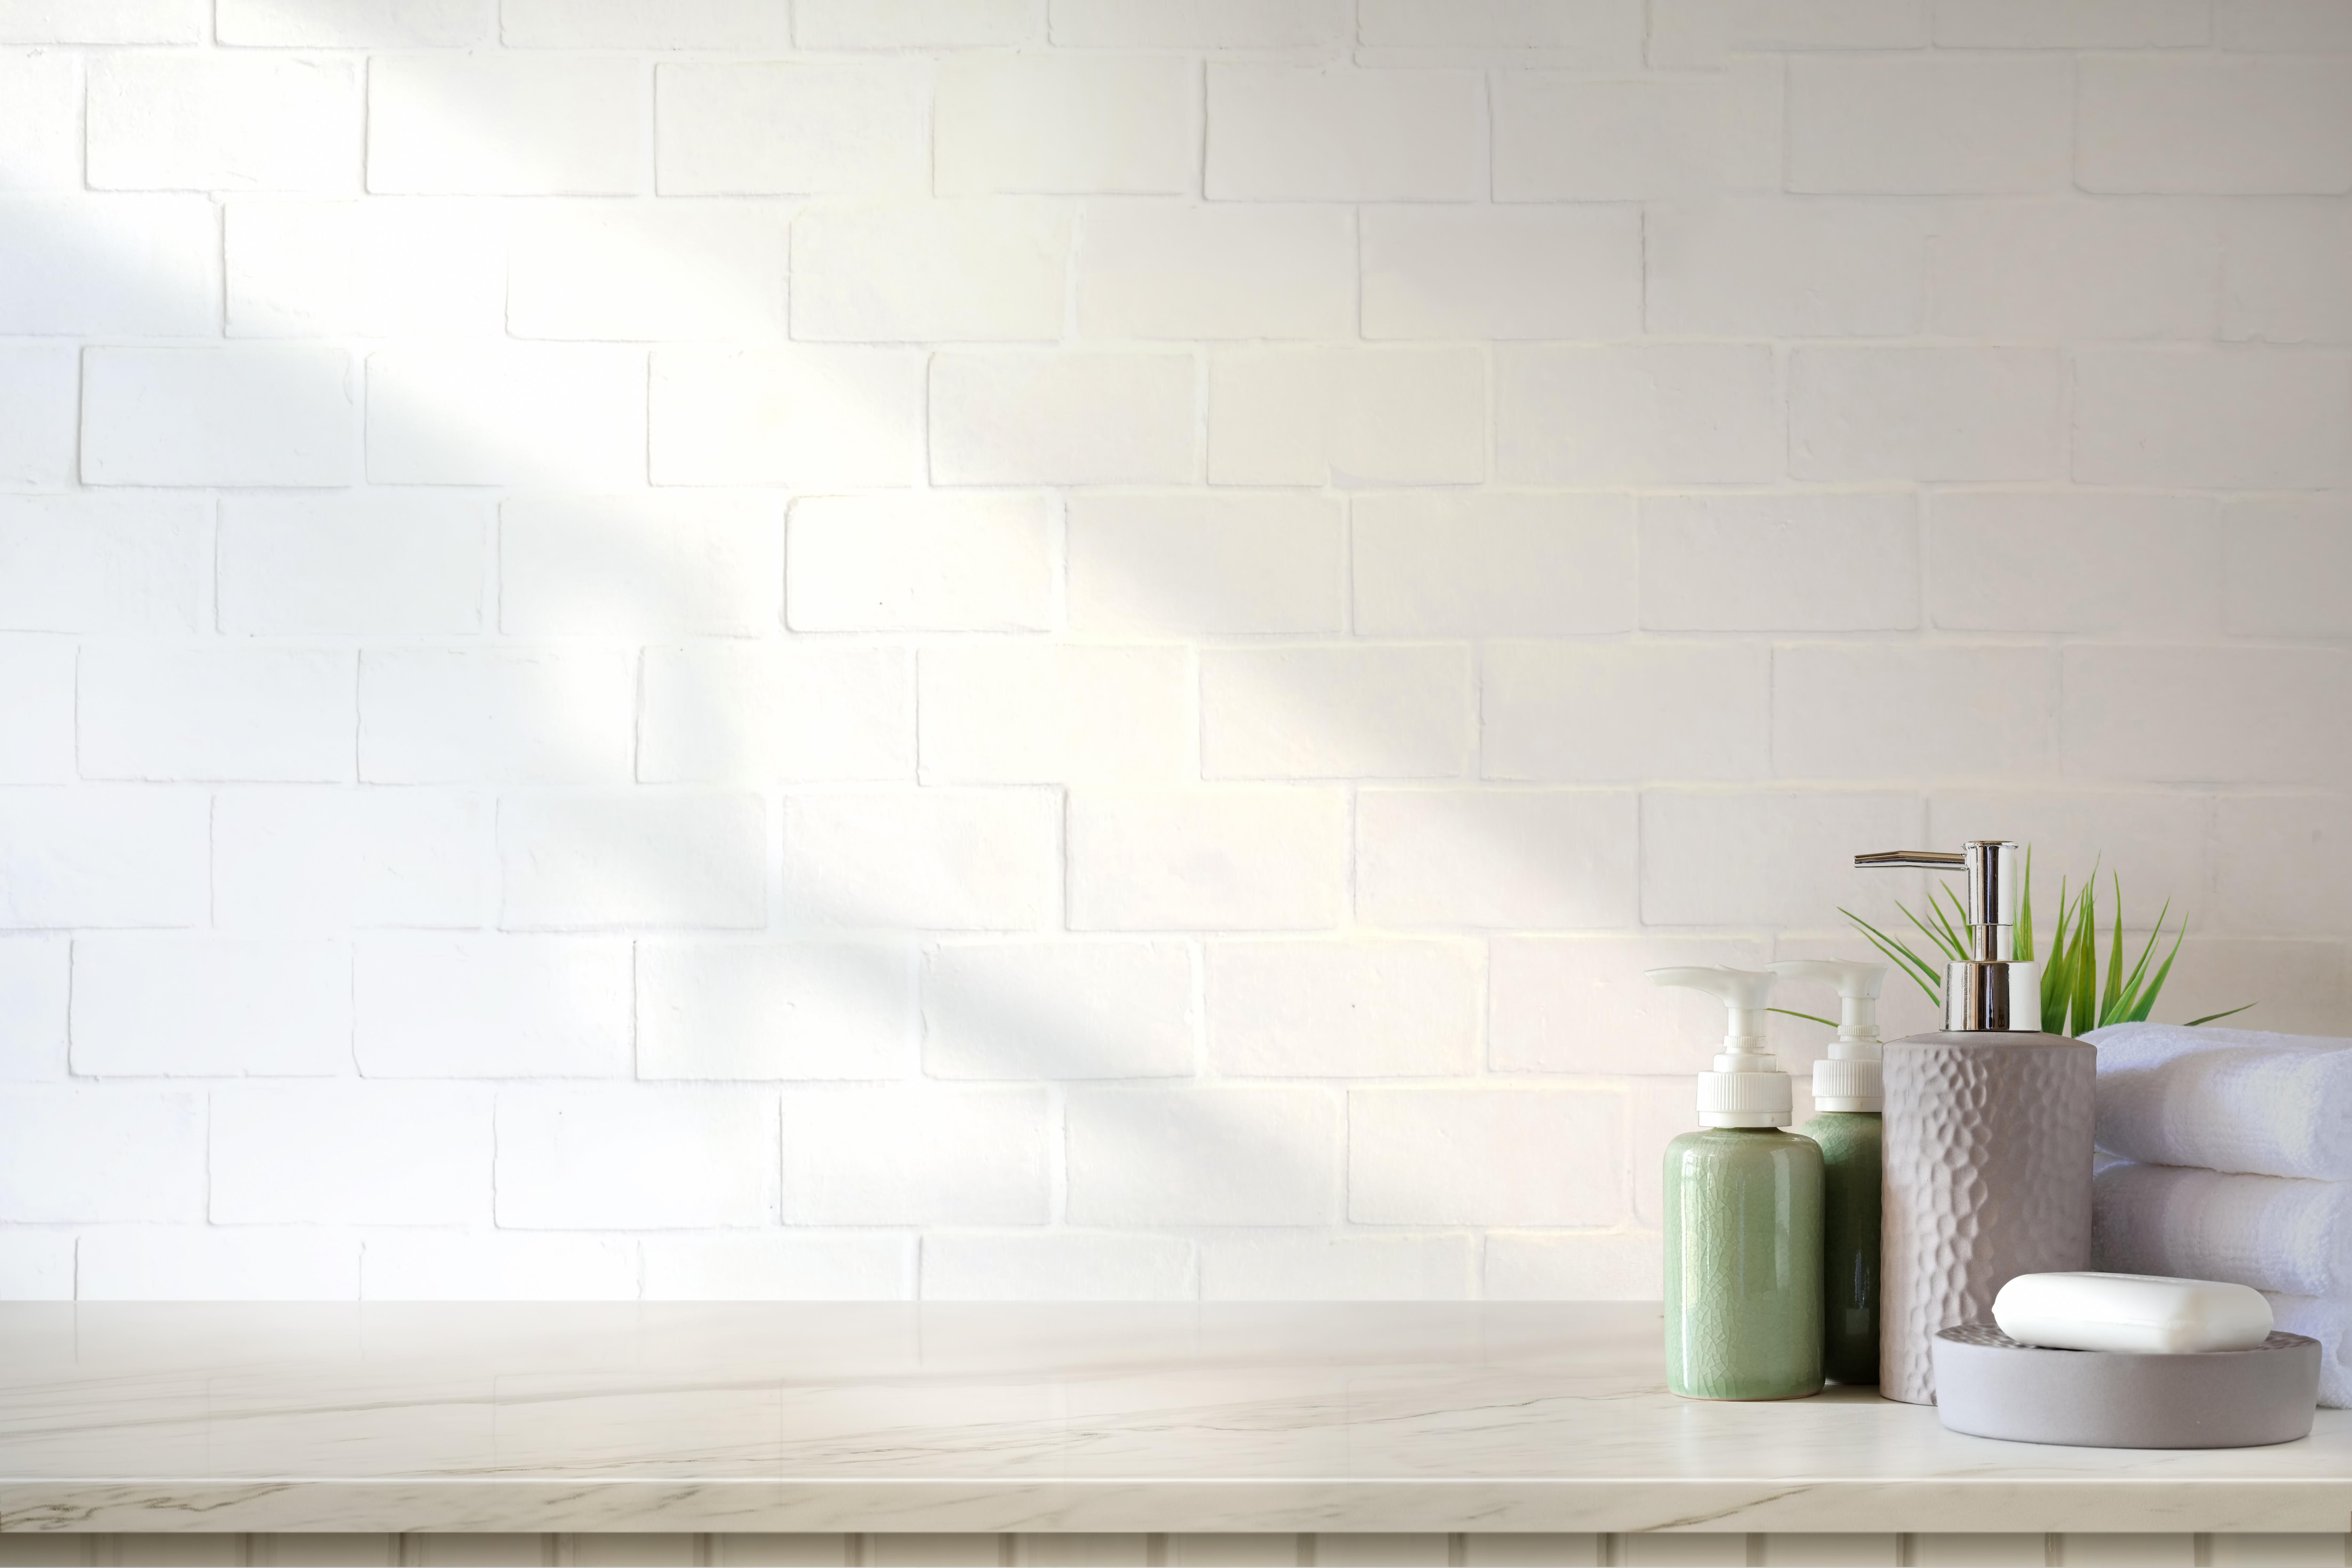 <p>Сложете нови аксесоари за банята. Нова чаша за четките за зъби, както и сапунерка, кошче и поставка за тоалетната хартия. Инвестицията не е голяма, но пък ще създаде визуалното усещане, че сте променили доста, а всъщност са дребни детайли.</p>